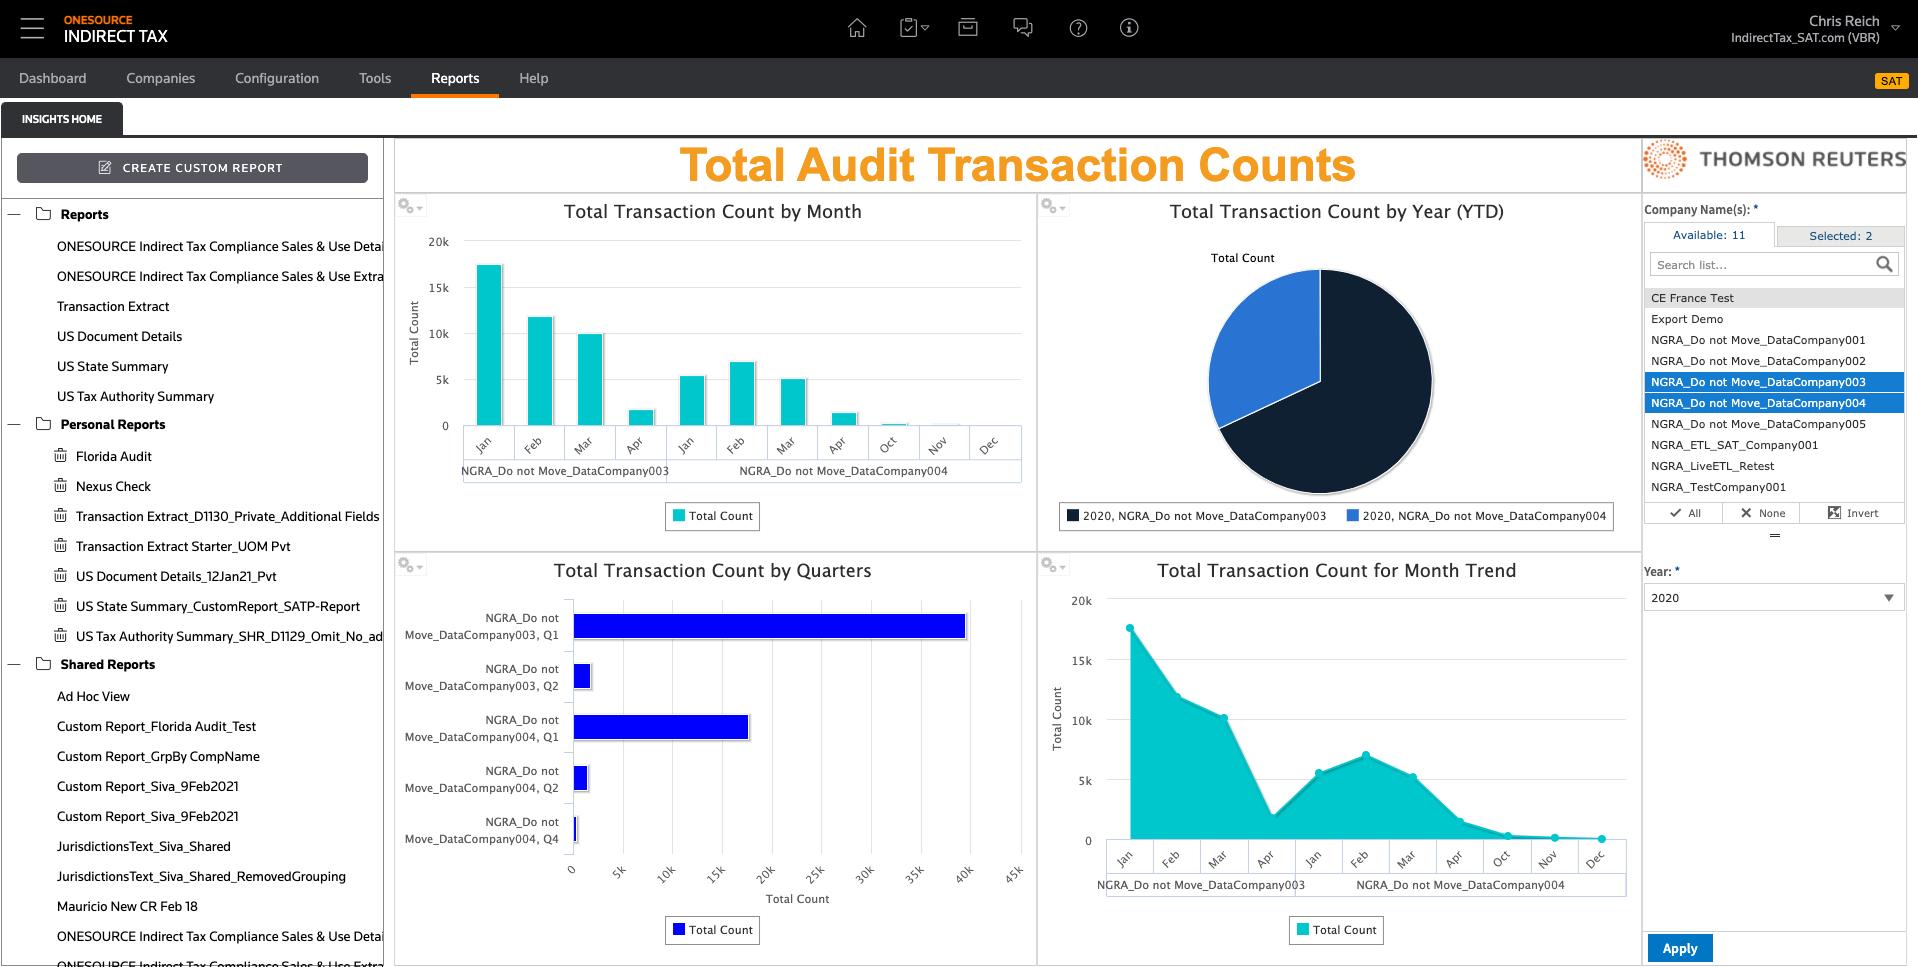 Total Audit Transaction Counts